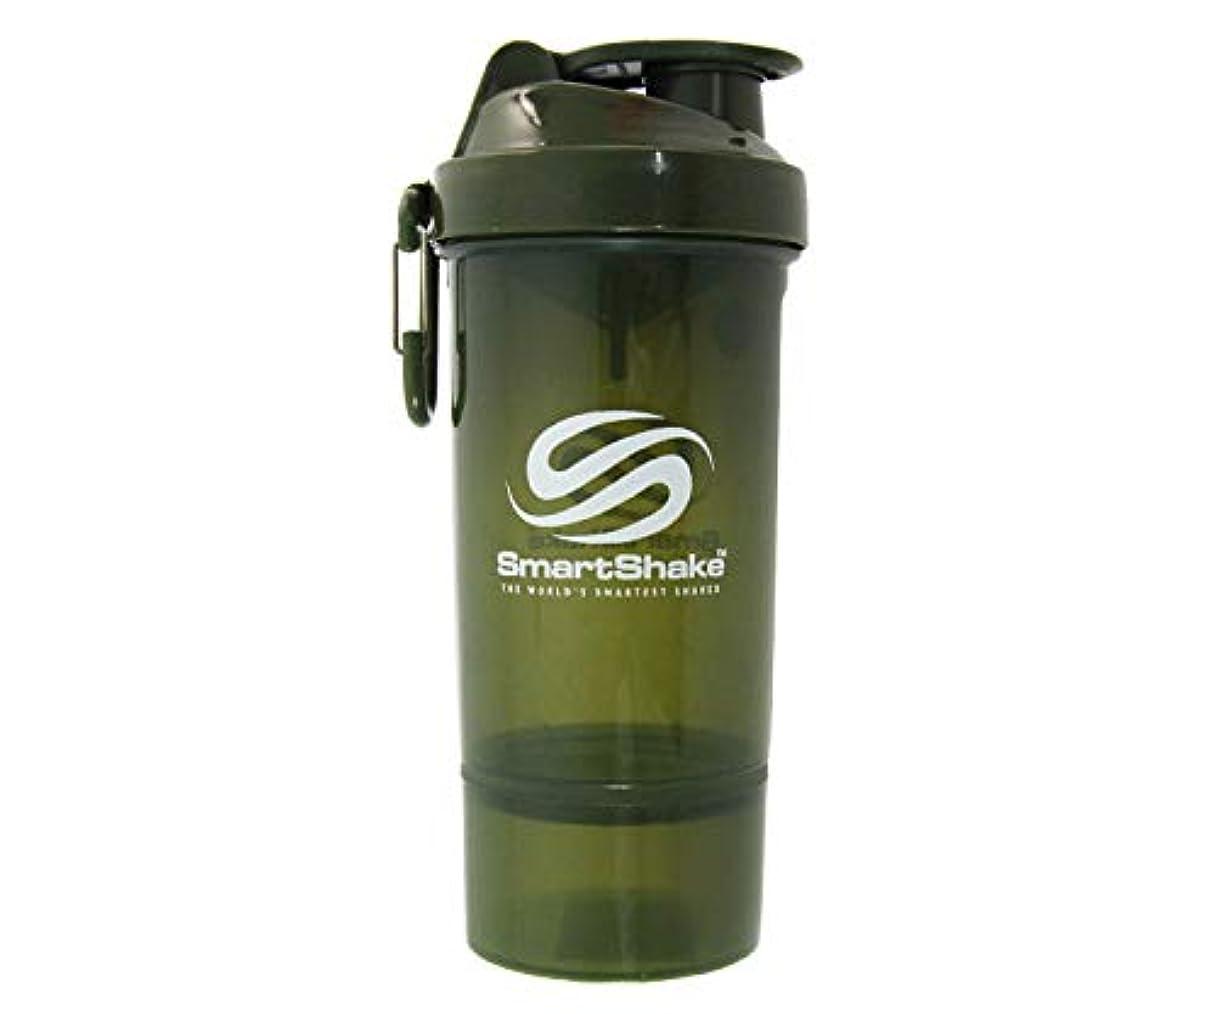 体細胞目に見える想像するSmartShake(スマートシェイク) SmartShake ORIGINAL2GO ONE 800ml Army Green 多機能プロテインシェイカー アーミーグリーン 800ml大容量 コンテナ1段タイプ